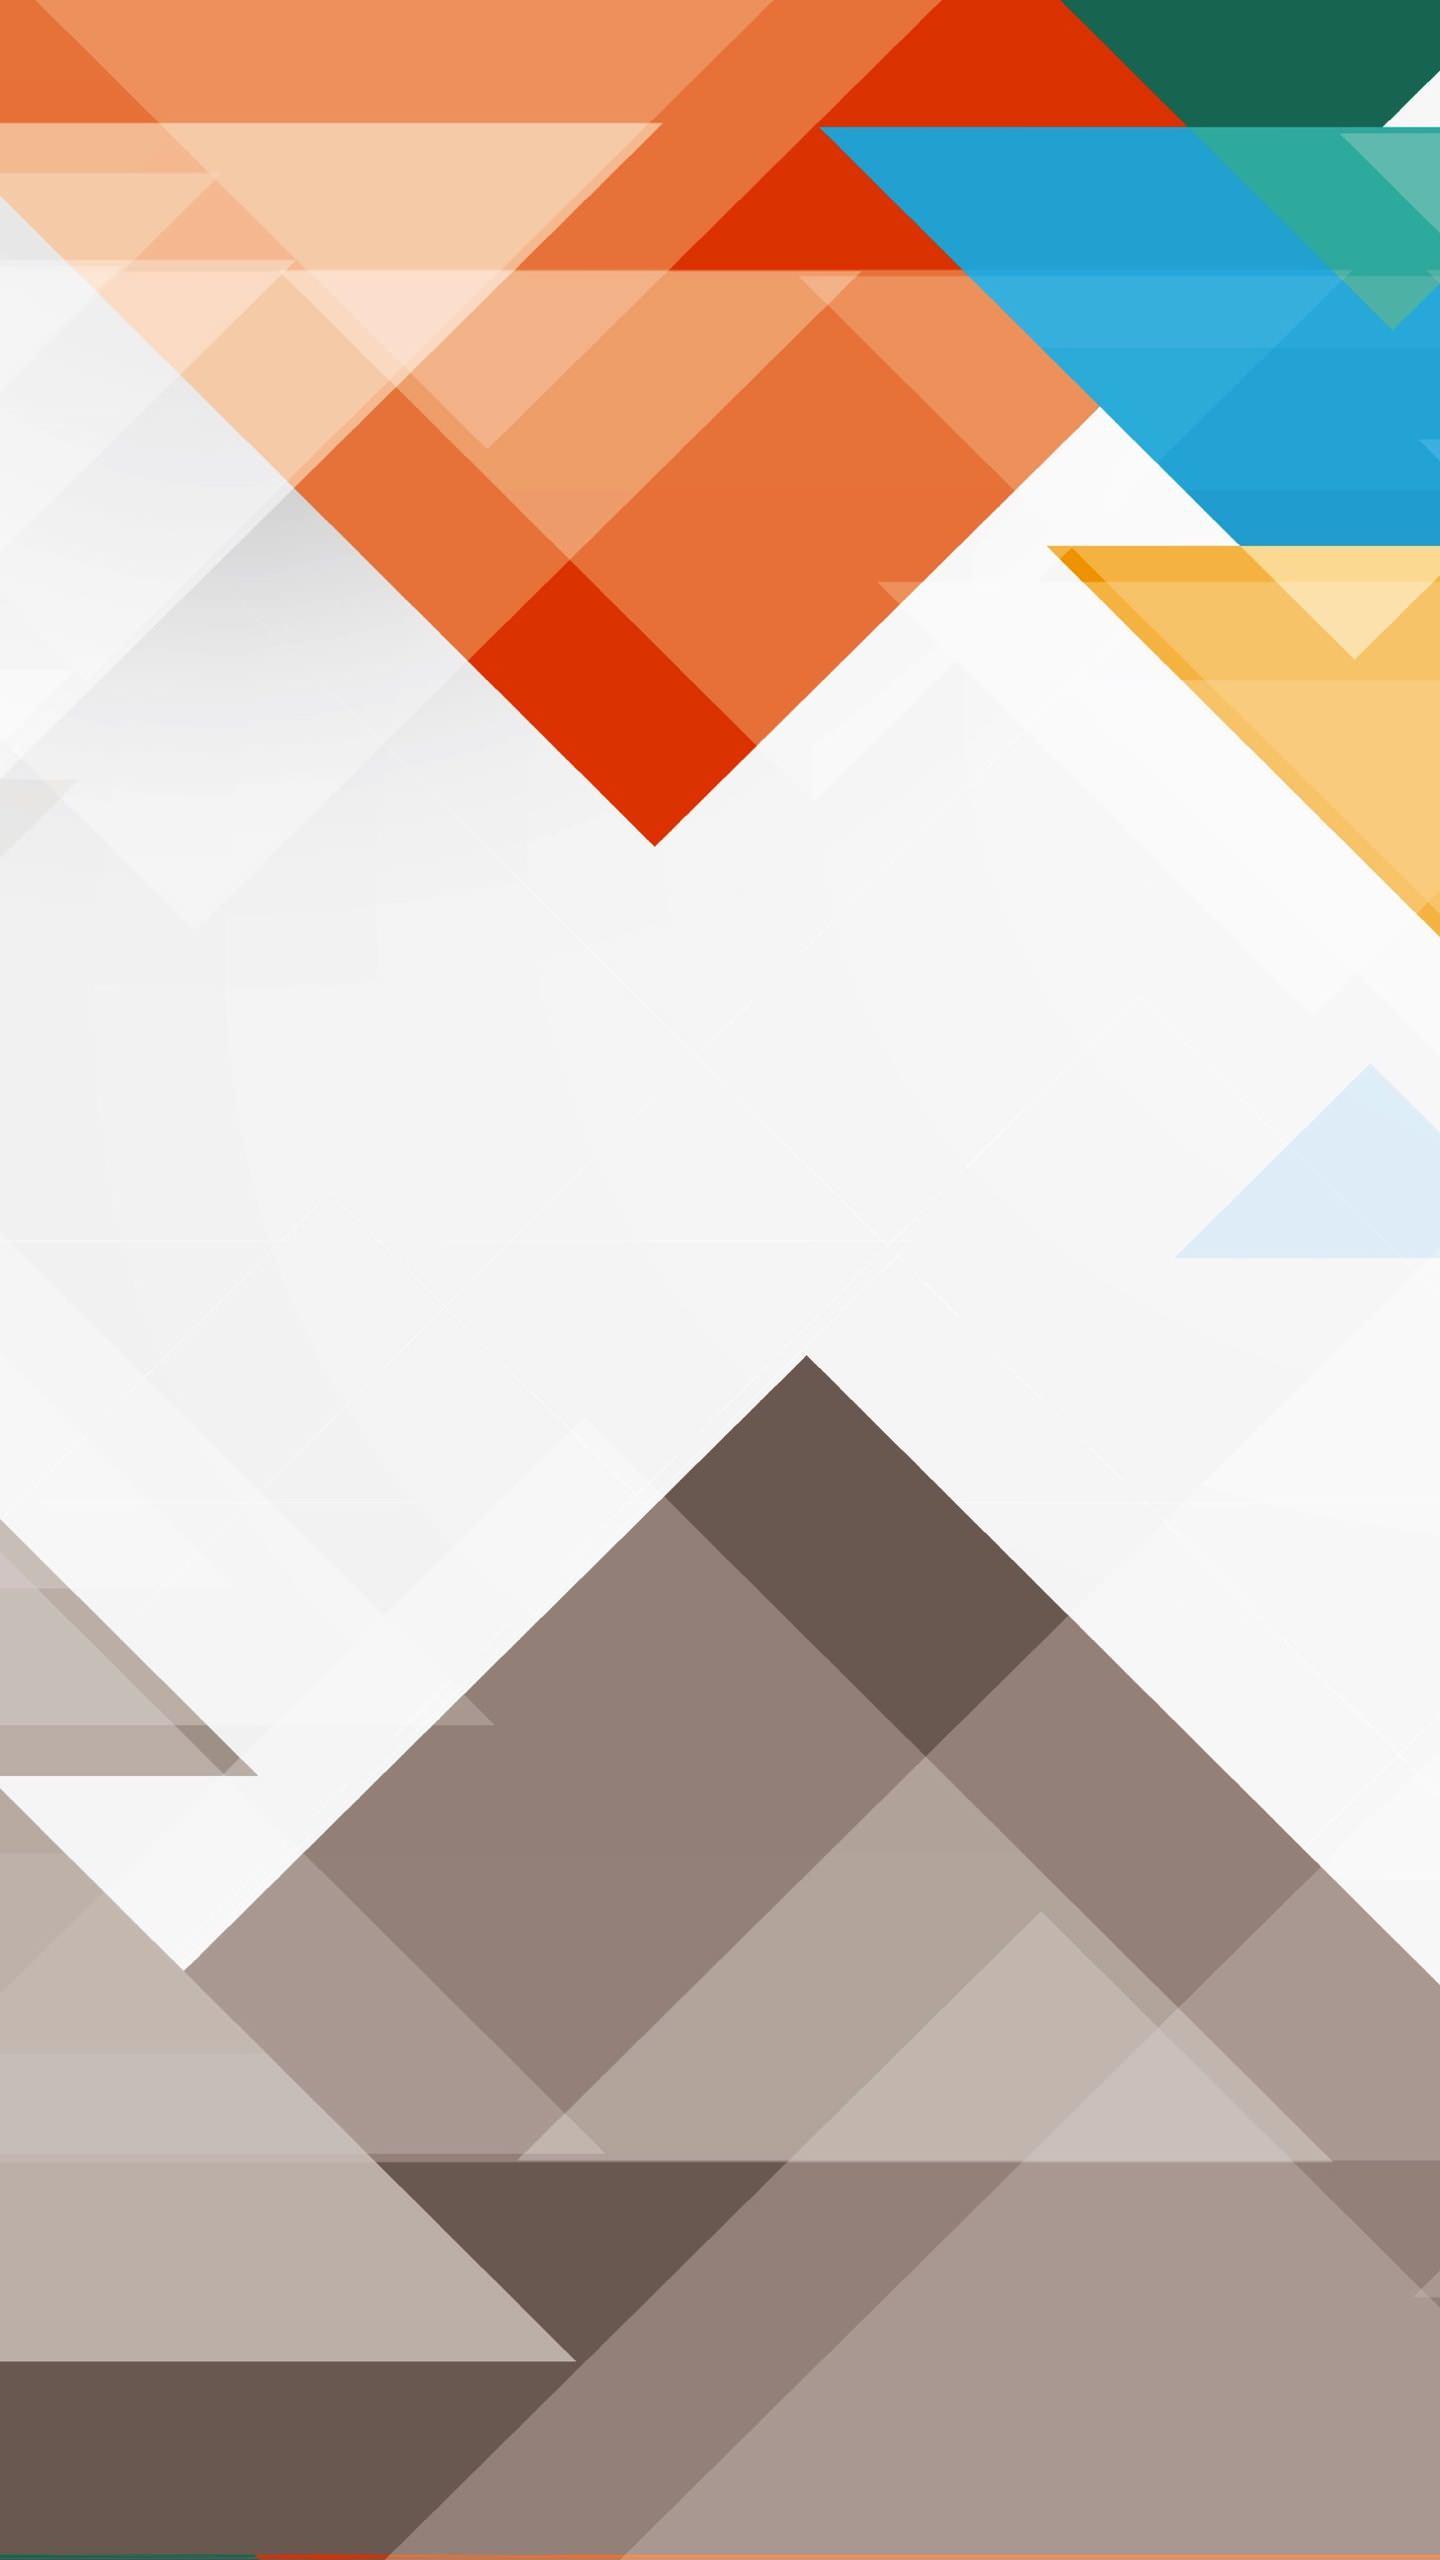 Wallpaper Android Putih